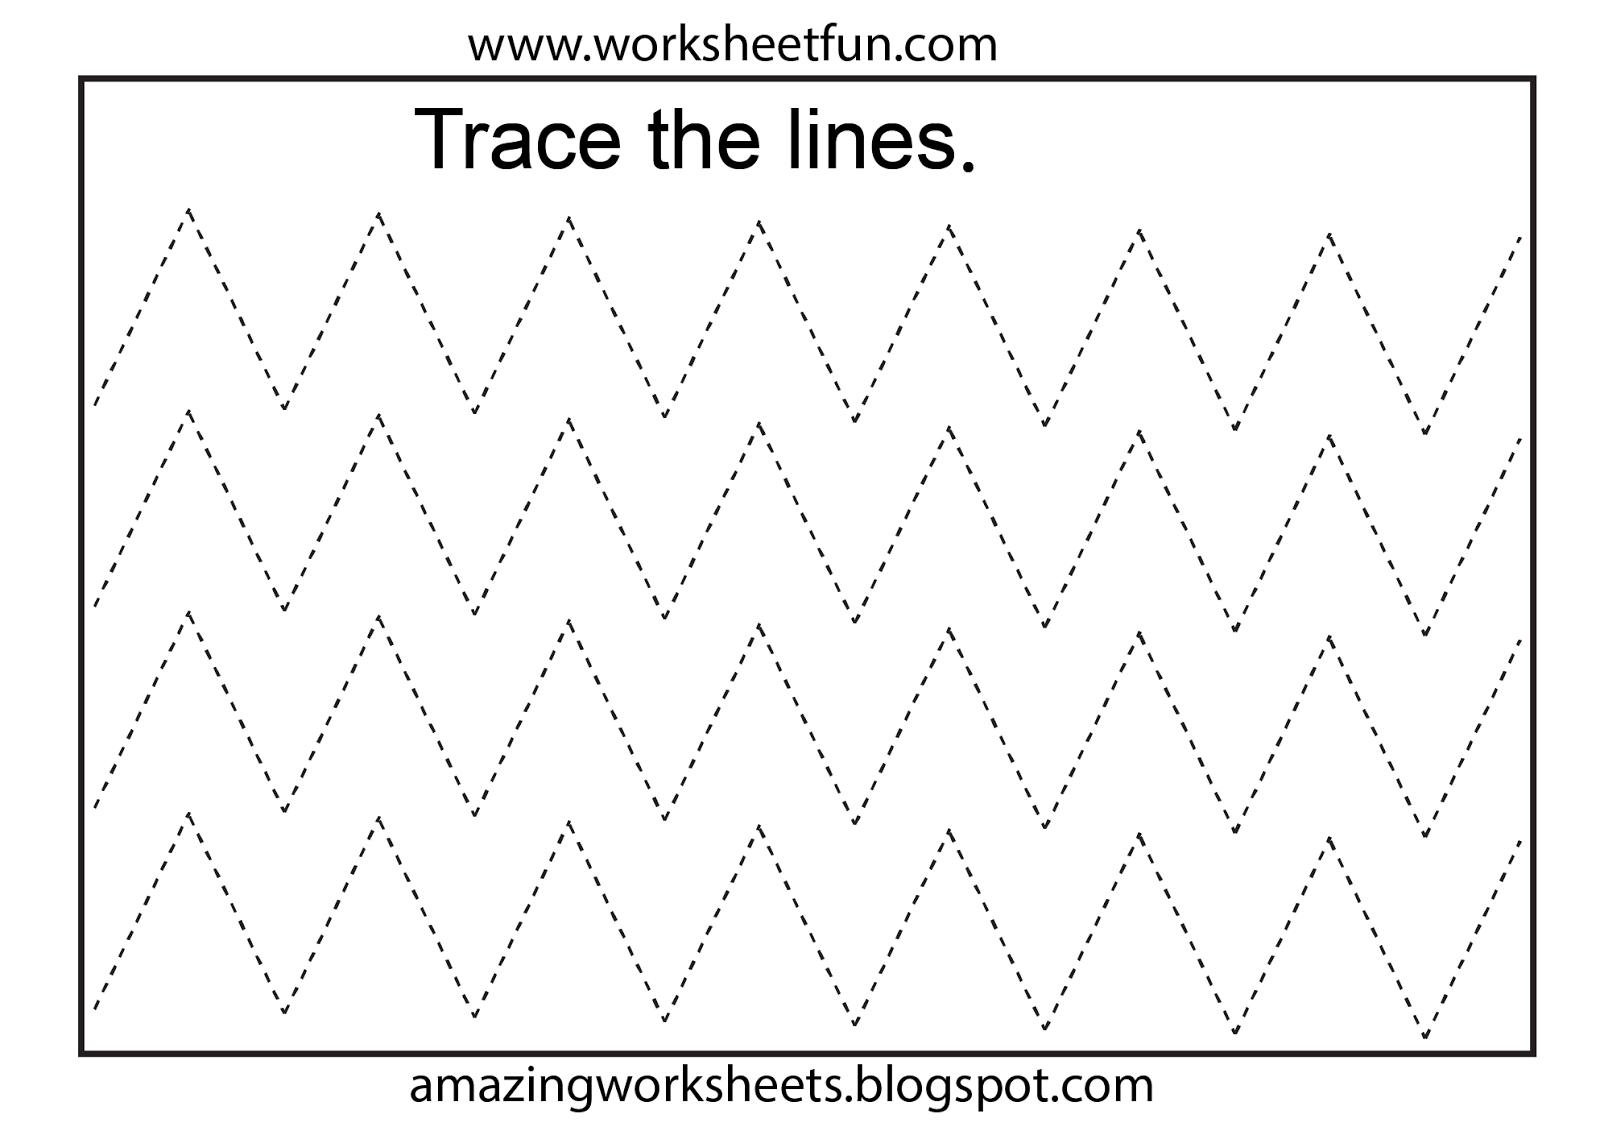 Worksheetfun - Free Printable Worksheets | Toddler Worksheets - Free Printable Preschool Worksheets Tracing Lines